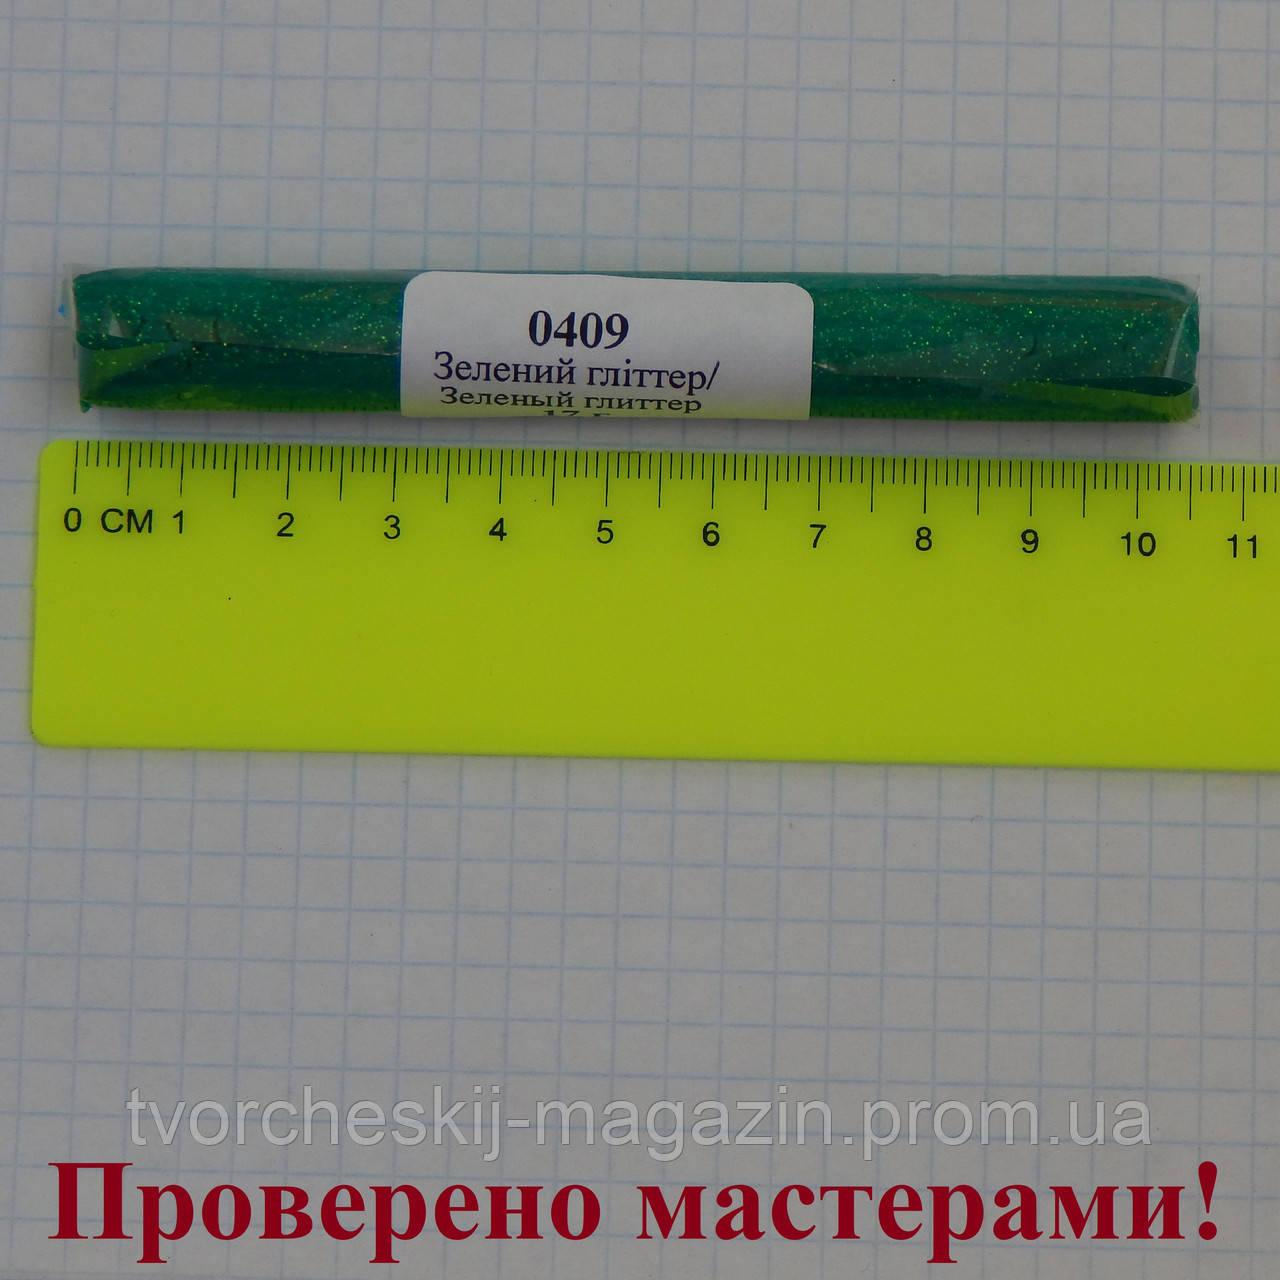 Полимерная глина LEMA (Лема), цвет зеленый глиттер , 17 г.